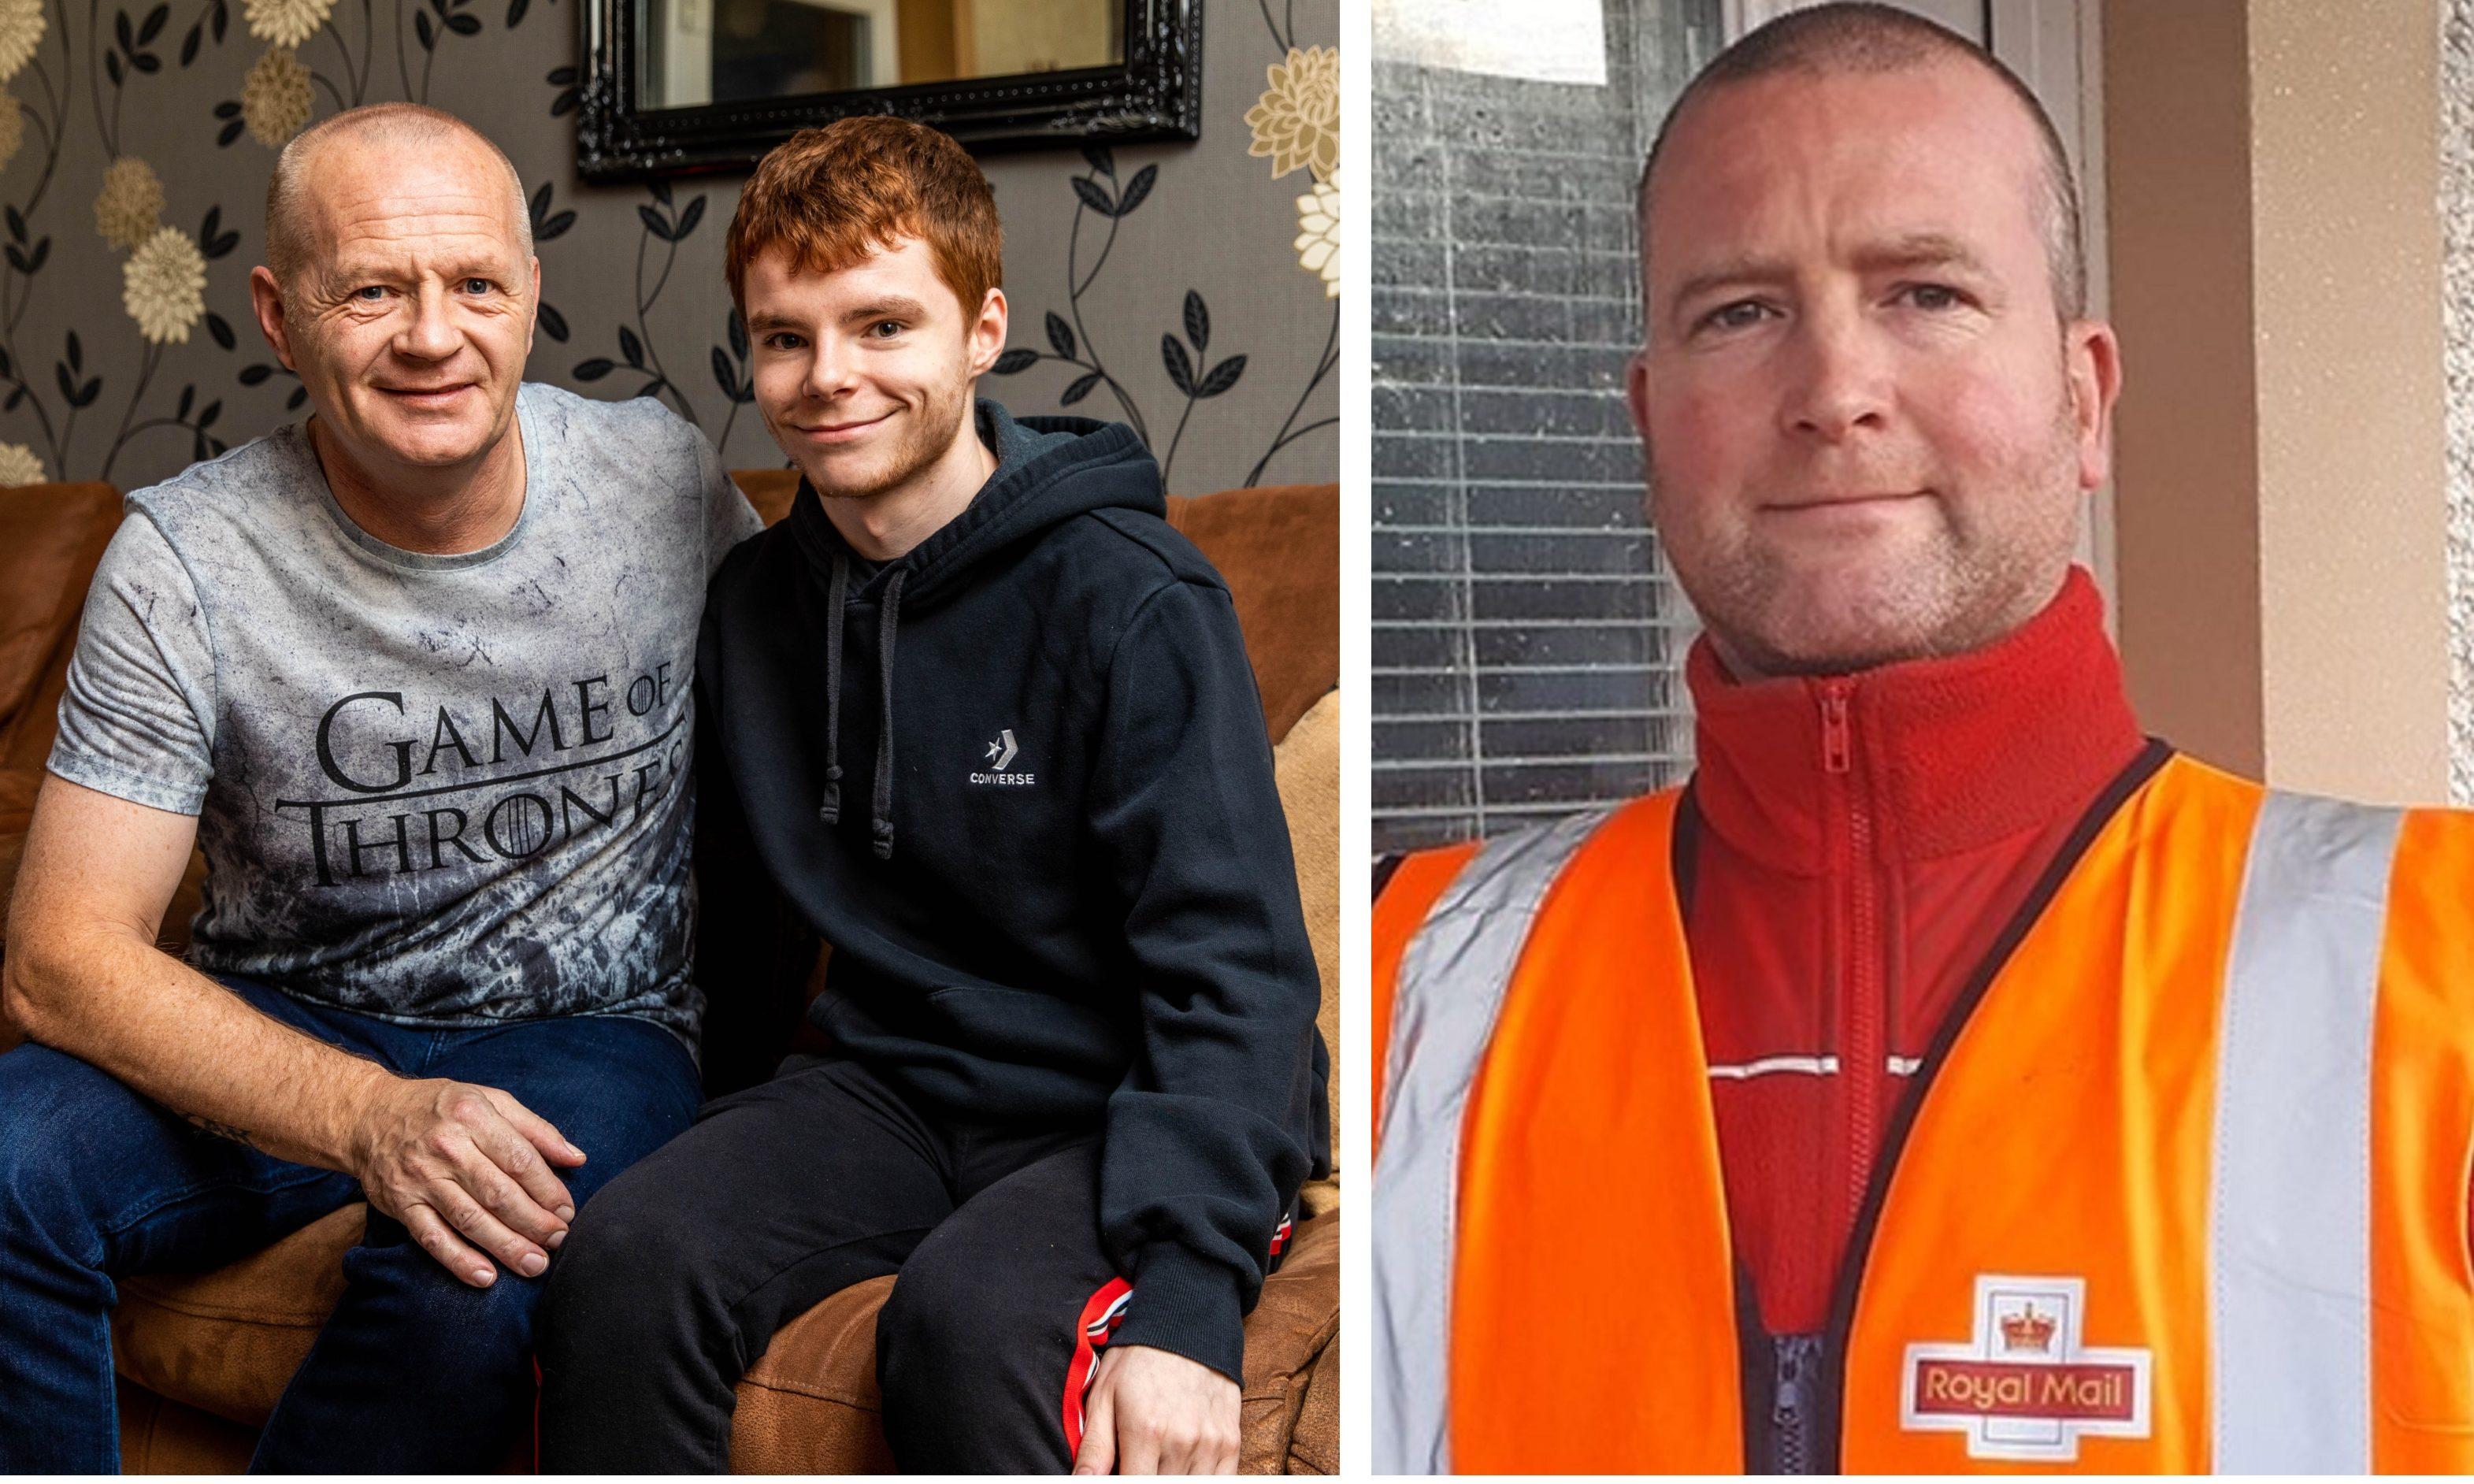 Left: Ian Wilson and his son Aaron Wilson. Right: Darren Mcleod.